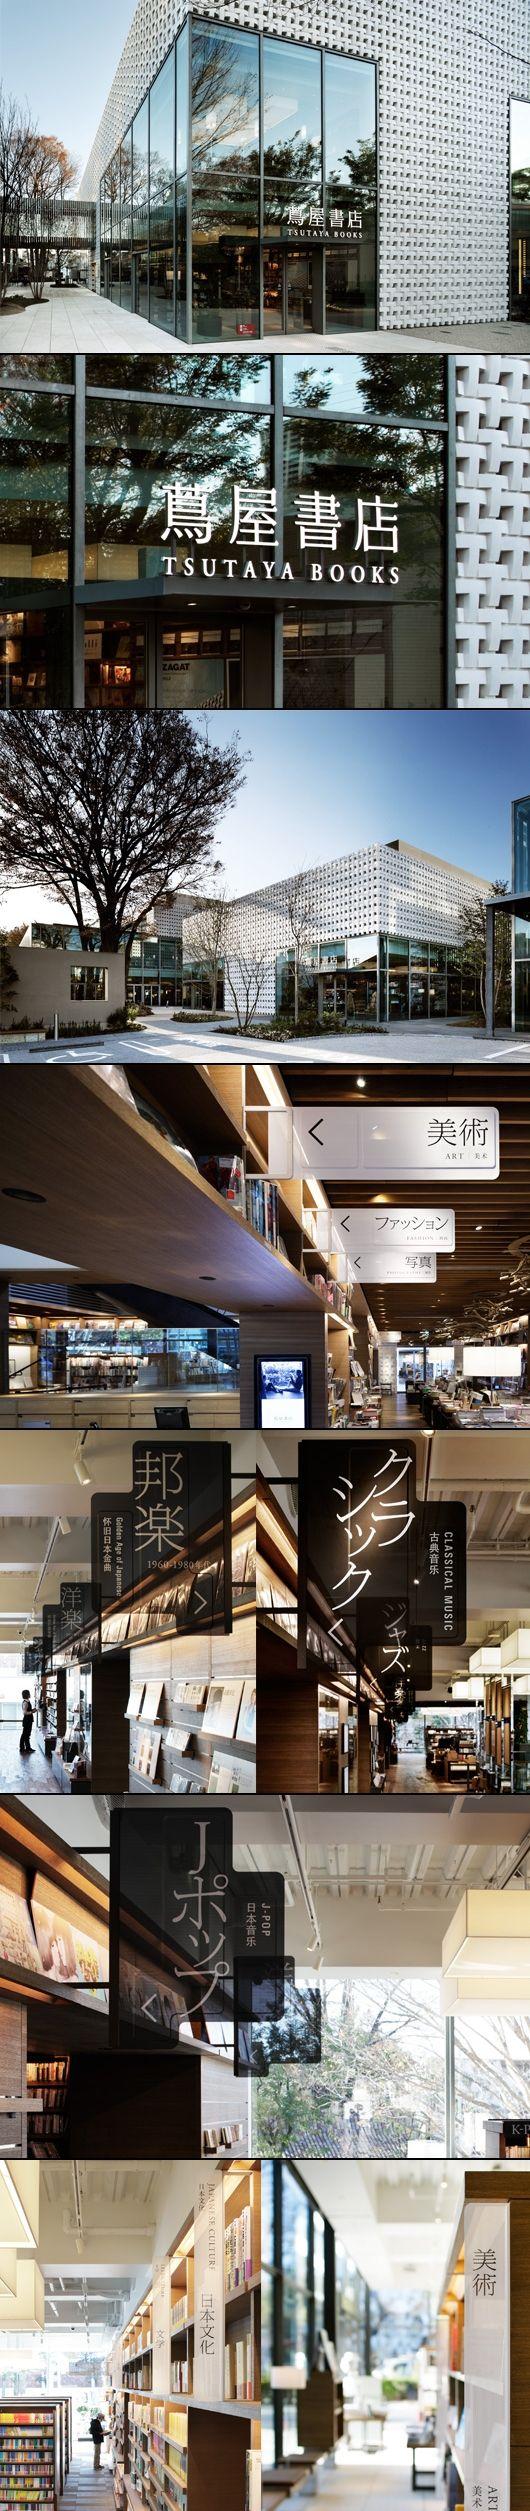 Tsutaya Shoten Bookstore